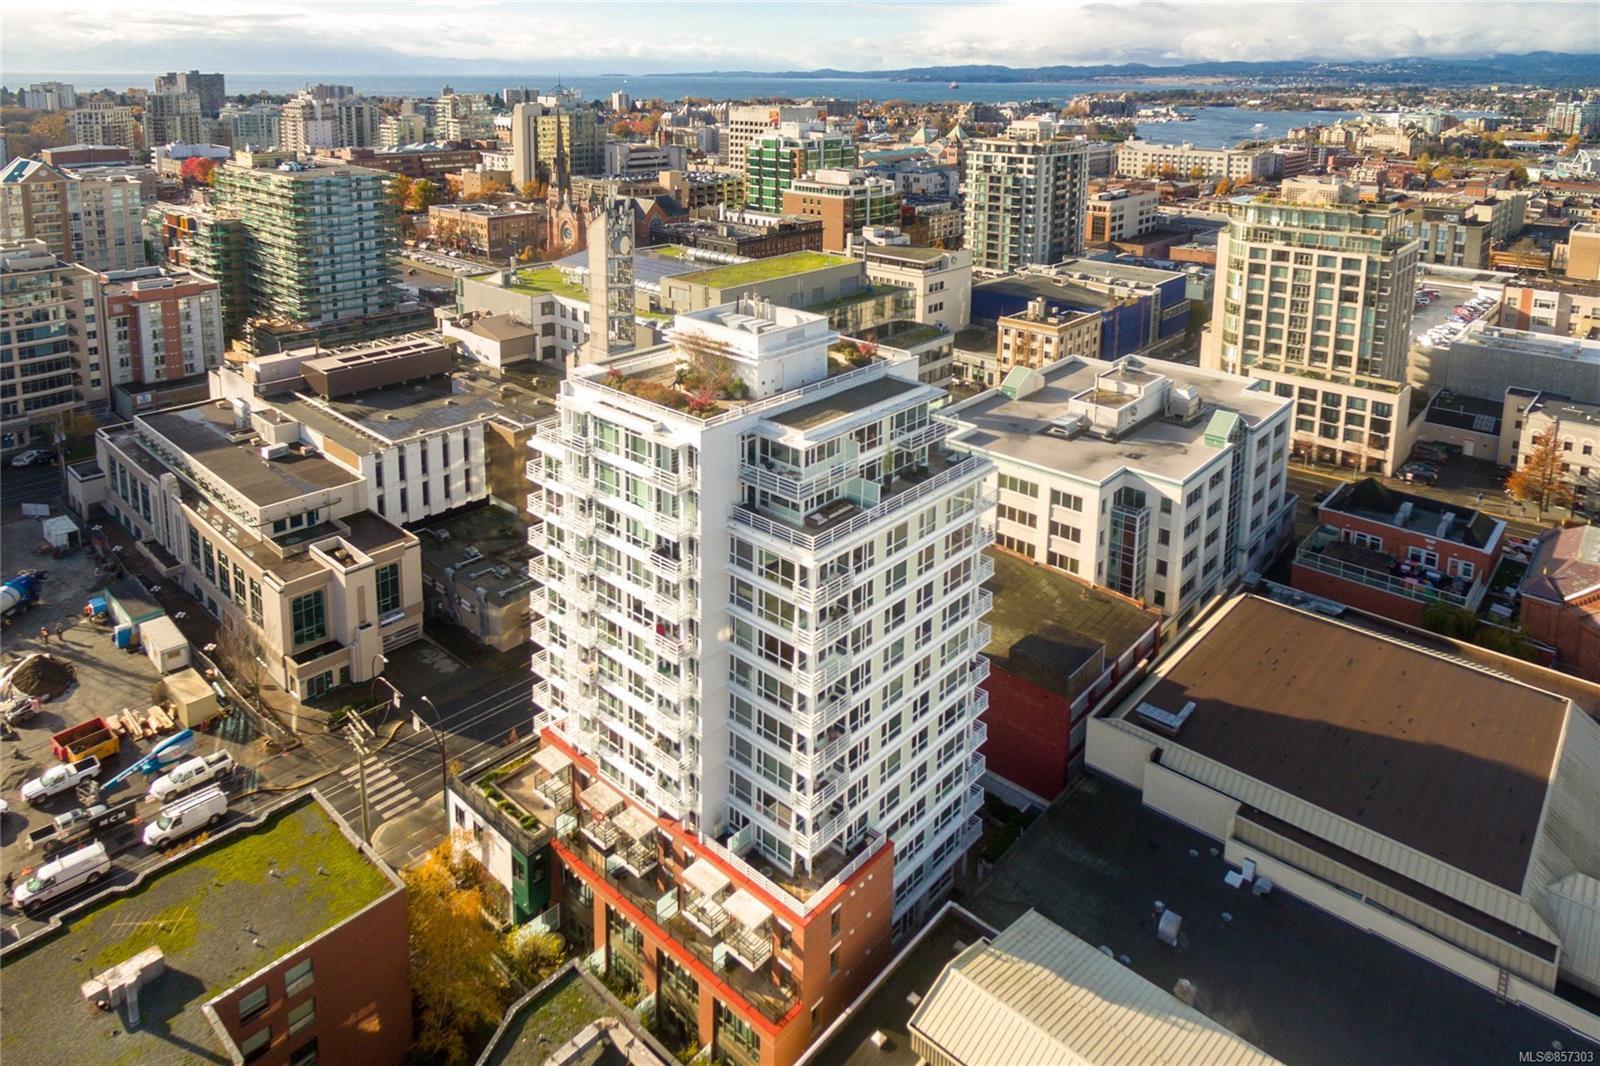 Main Photo: 505 834 Johnson St in : Vi Downtown Condo for sale (Victoria)  : MLS®# 857303